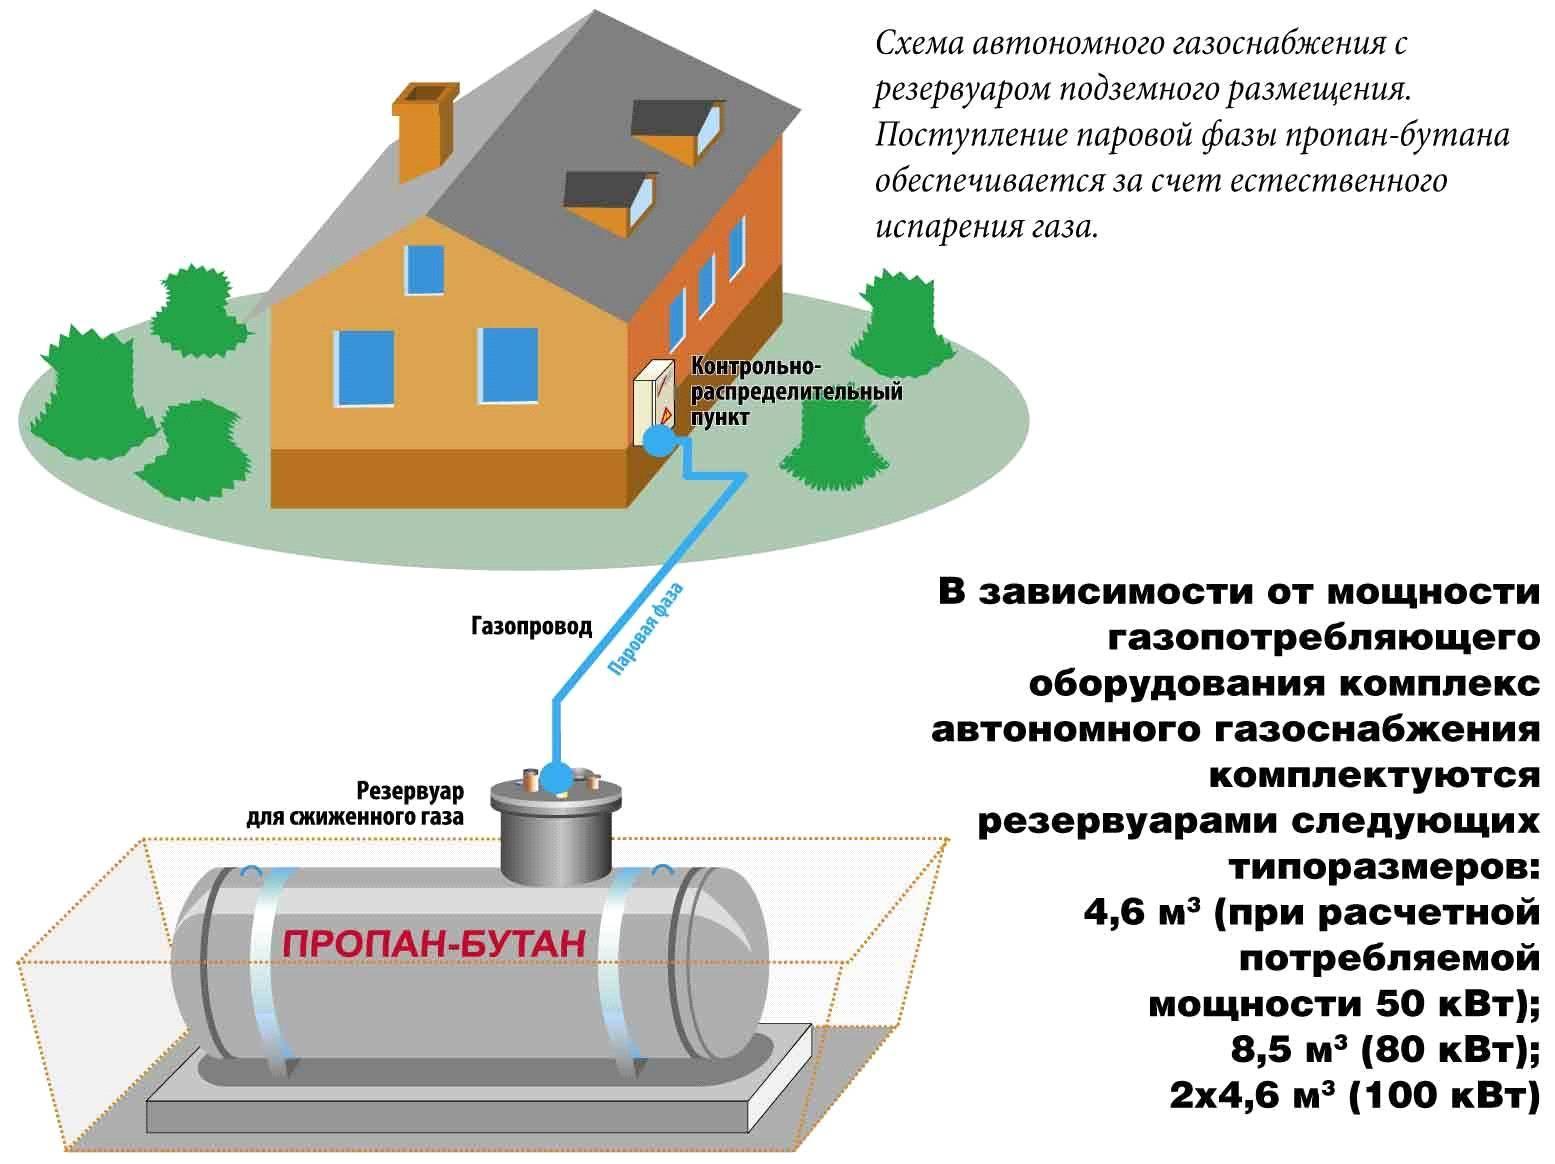 Обязательно ли устанавливать датчик утечки газа: что говорит законодательство + советы экспертов